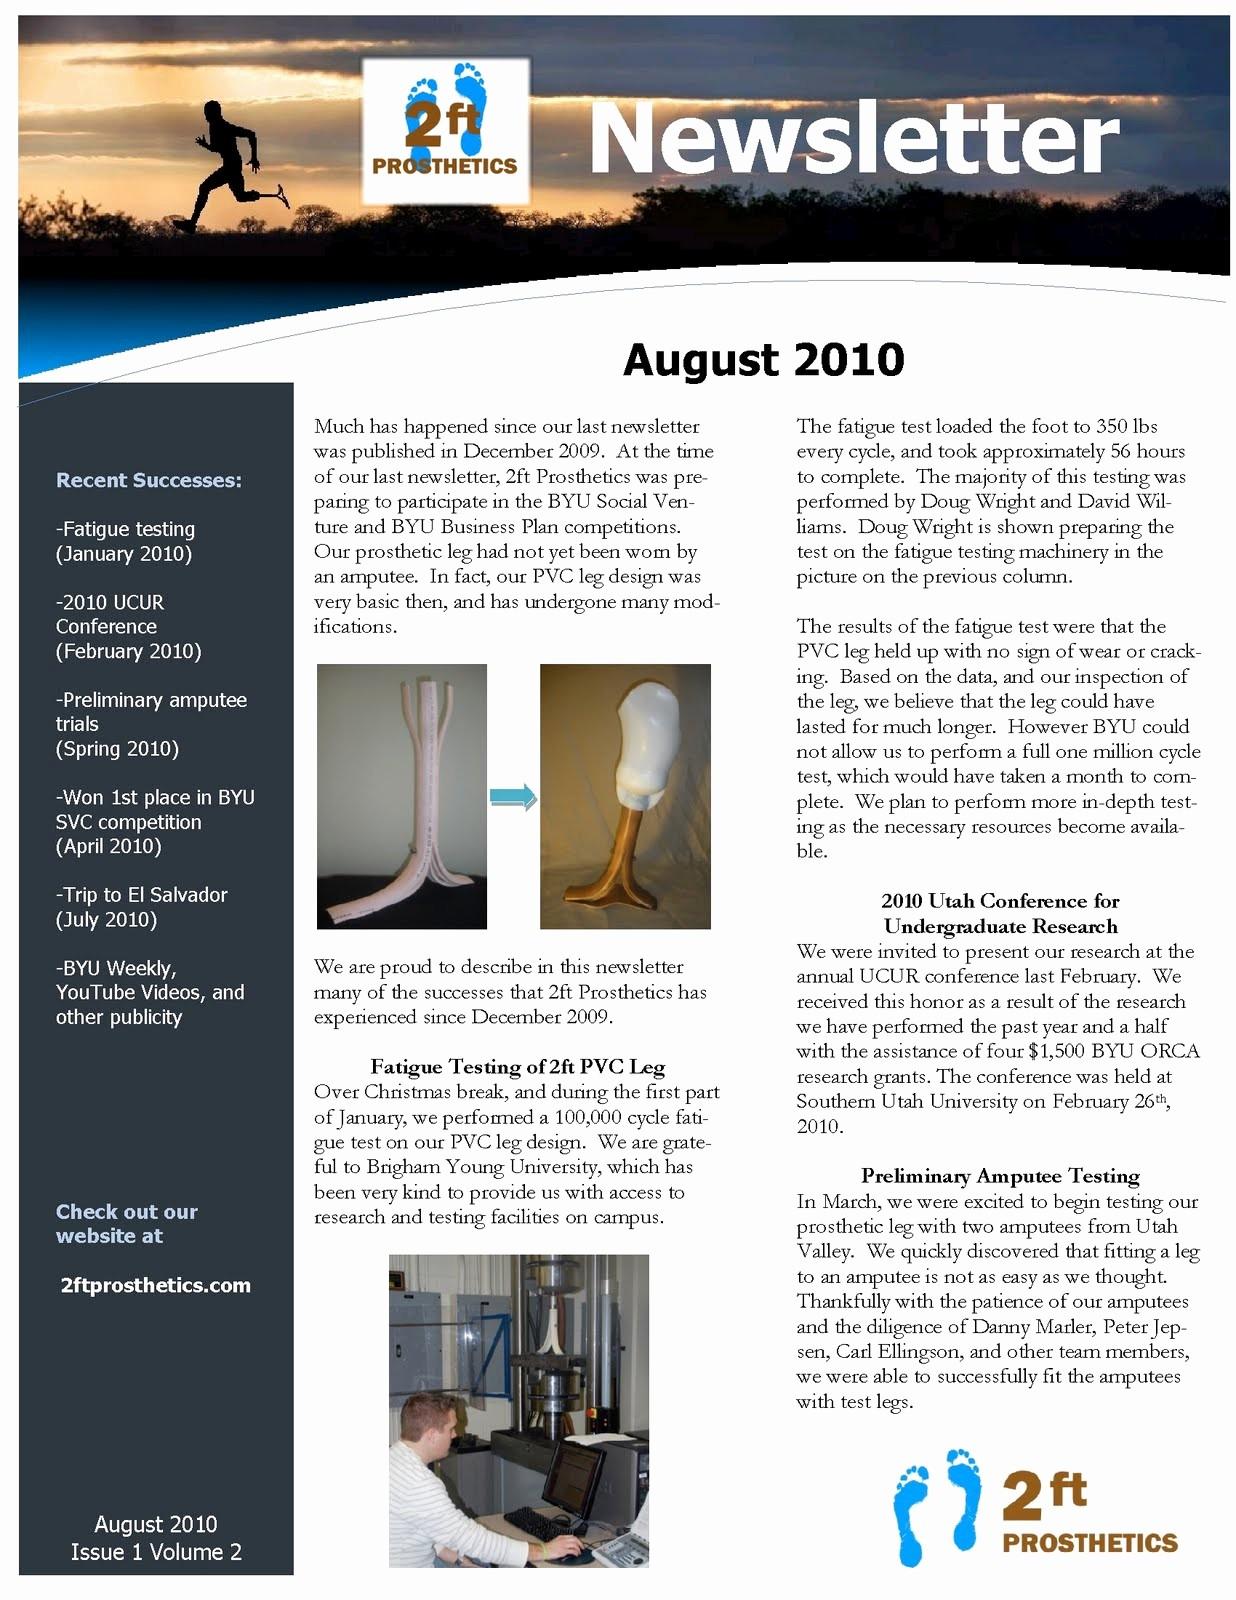 Newsletter Templates for Microsoft Word Inspirational 2ftprosthetics August Newsletter